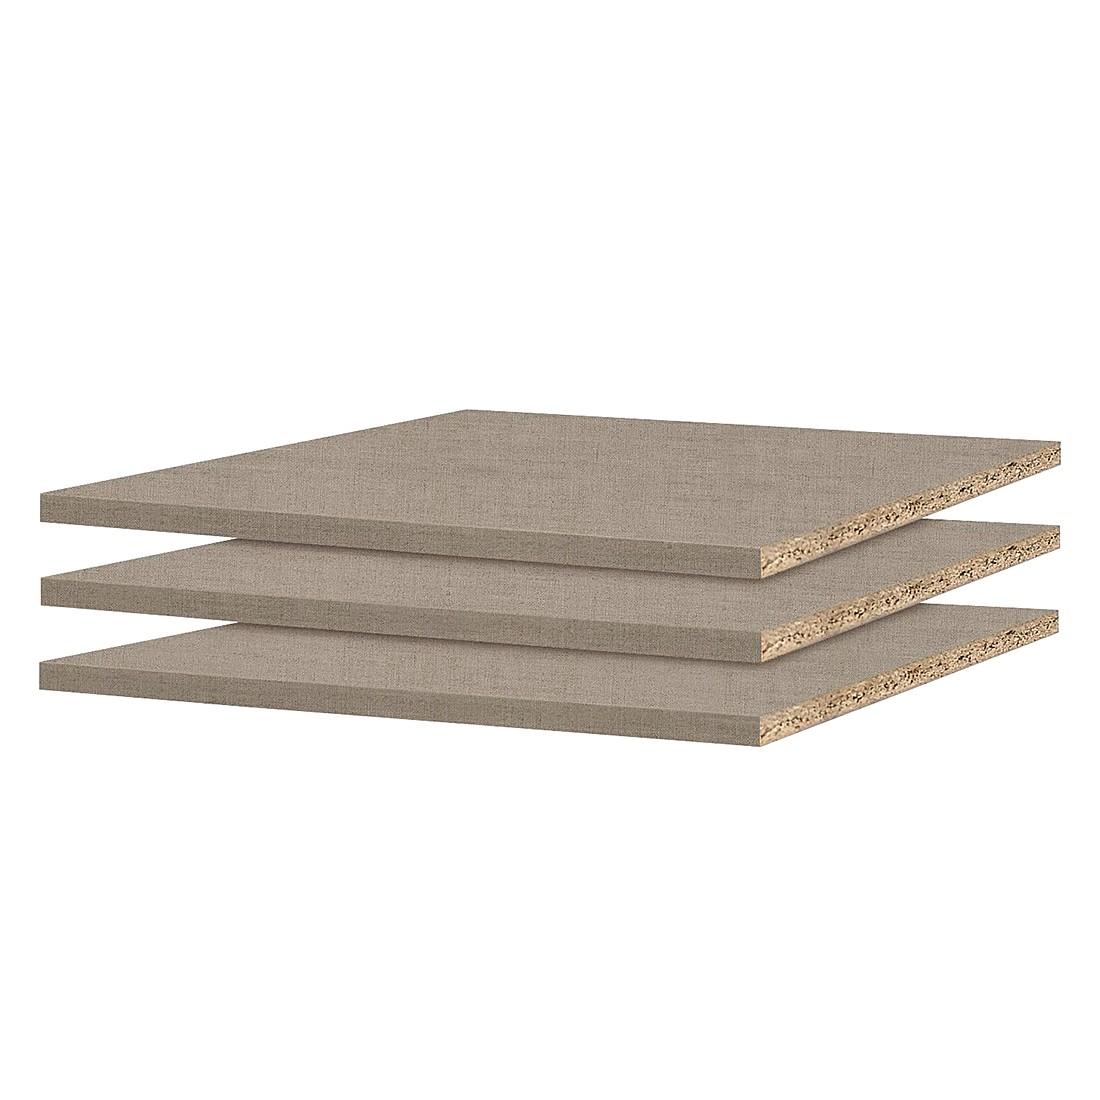 Inlegplanken Quadra (3 delige set) geschikt voor kastelementen met een breedte van 90cm en een diepte van 62cm, Rauch Packs